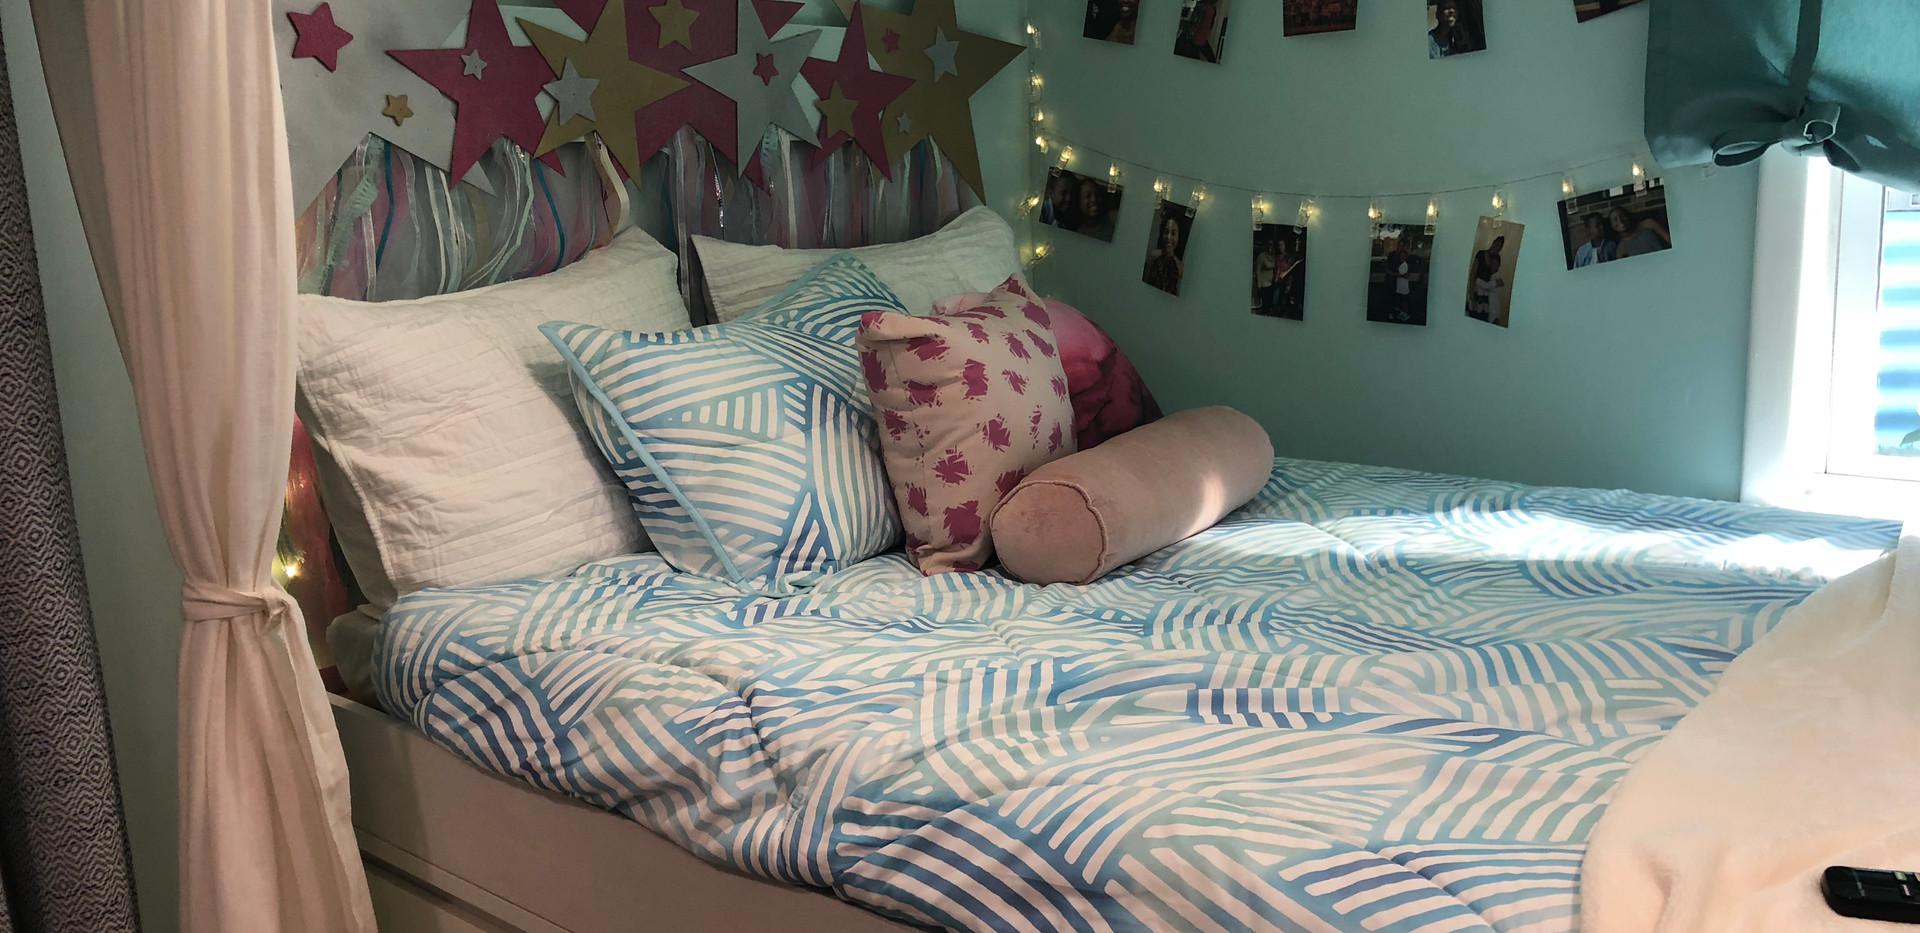 Dancer Bedroom!